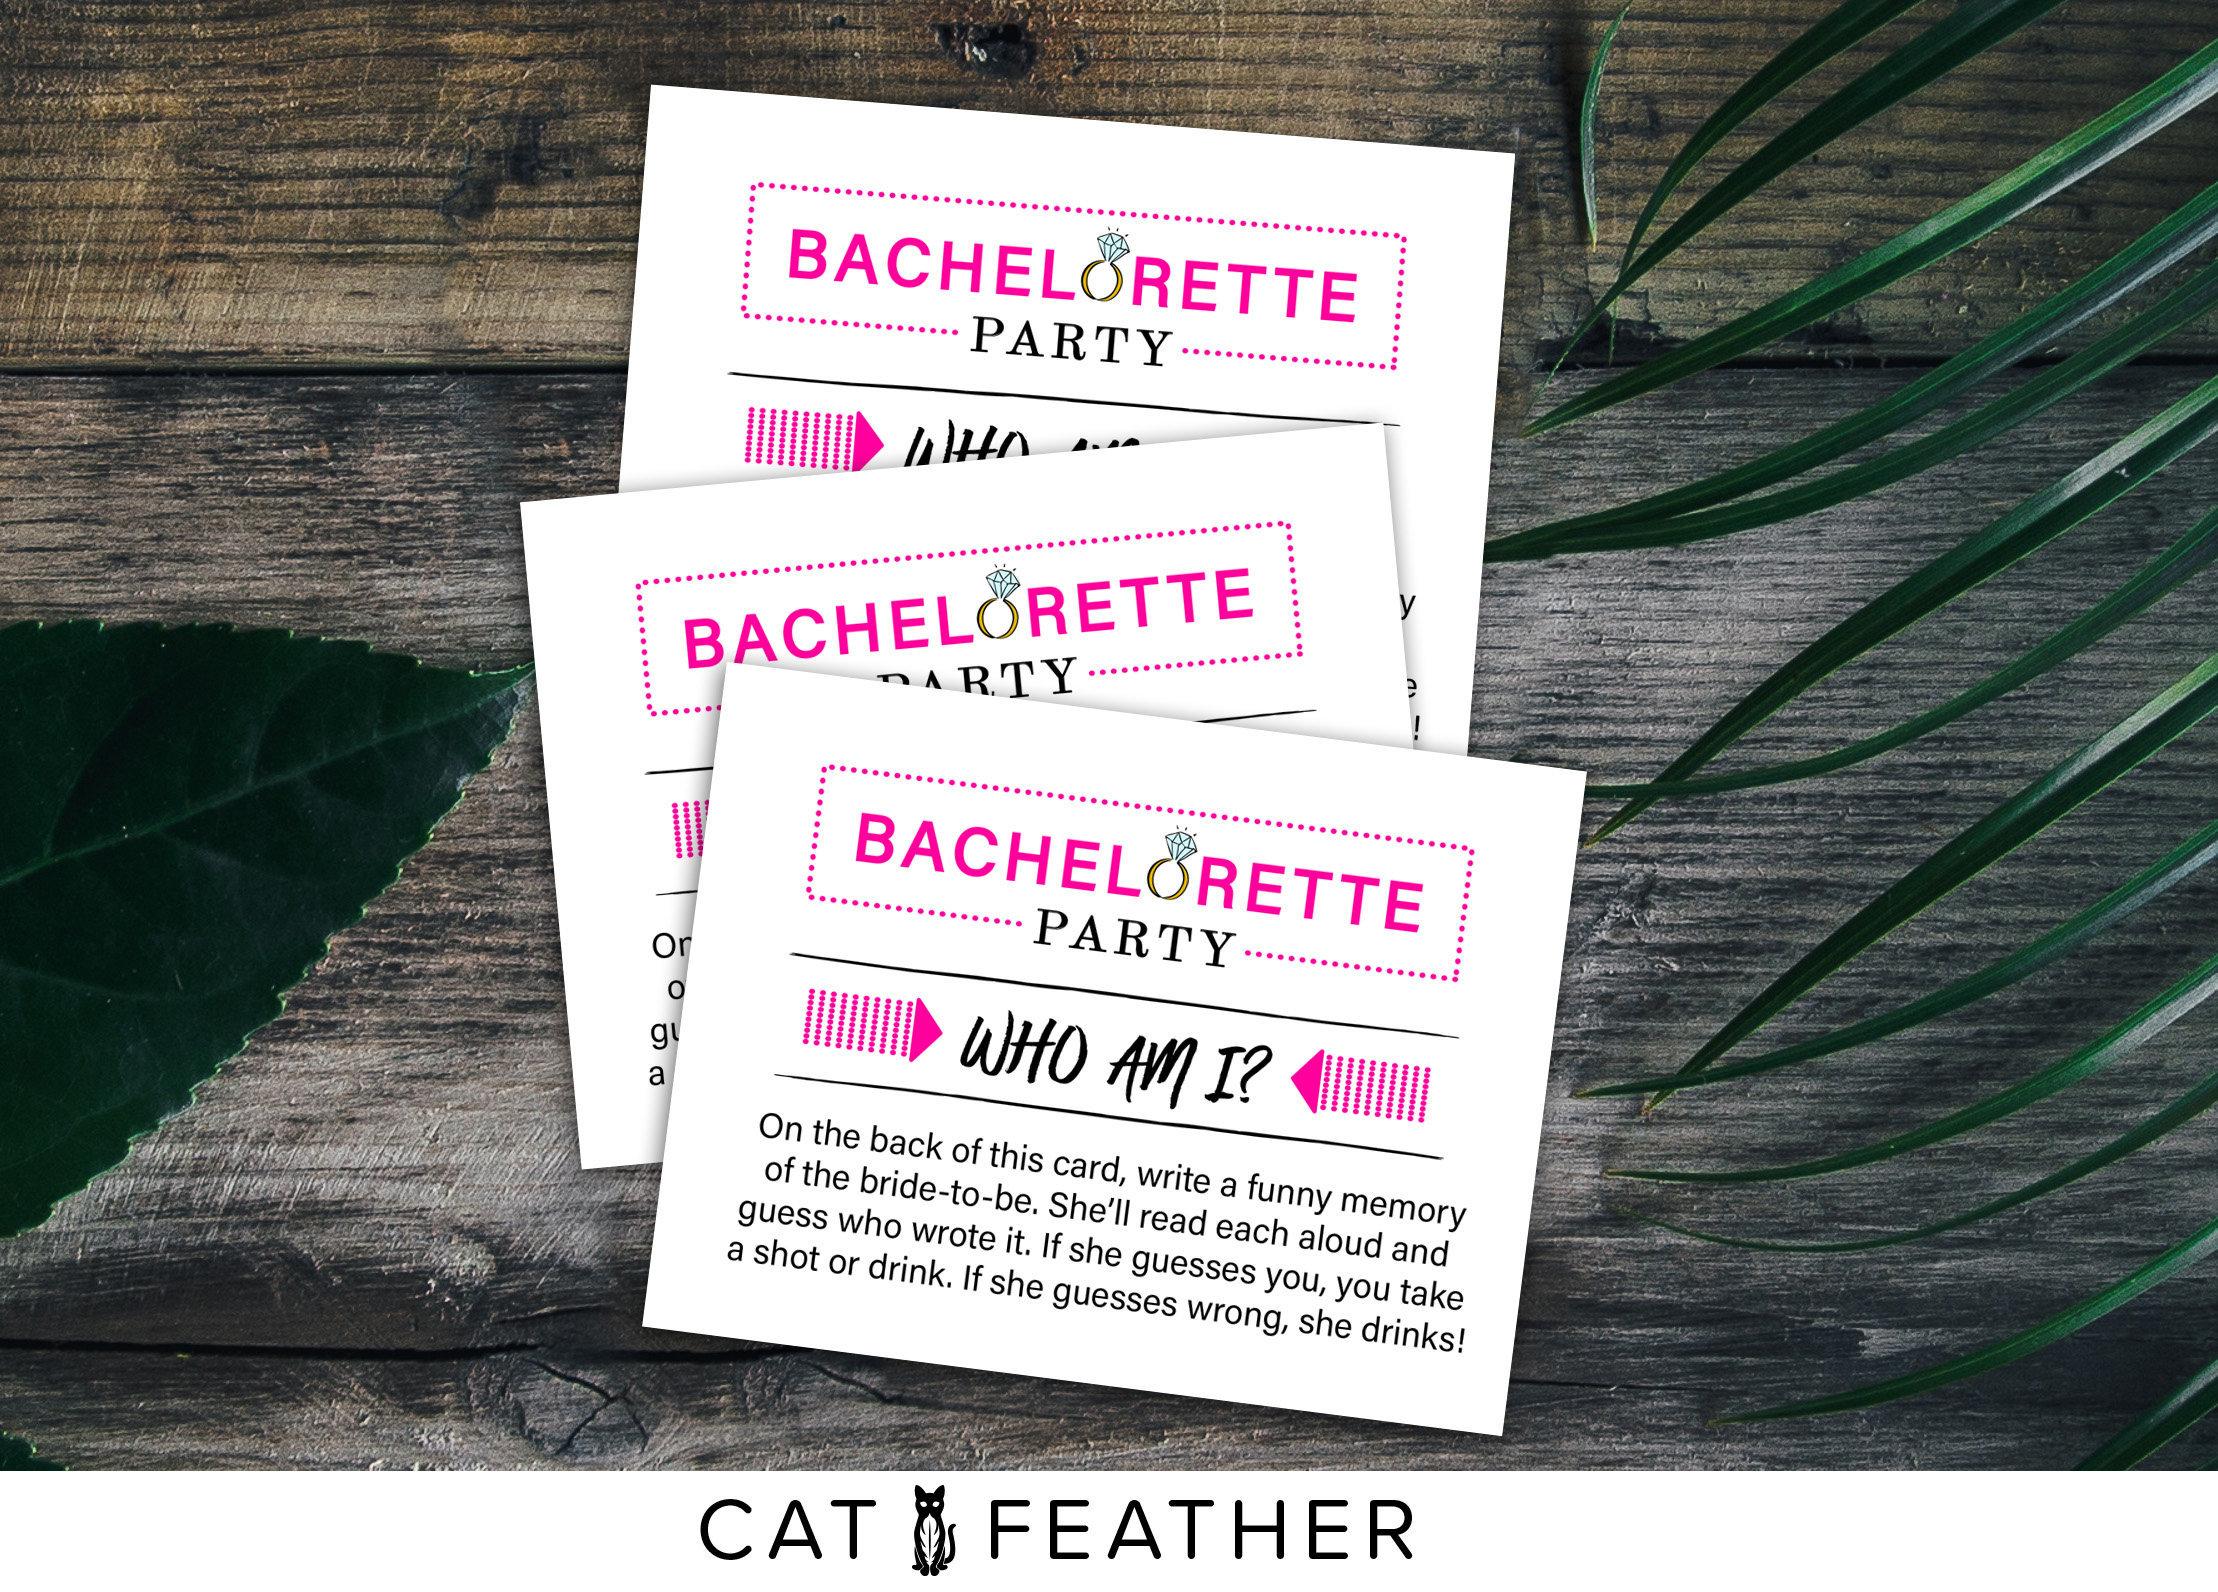 Who Am I Bachelorette Game Printable Bachelorette Party | Etsy